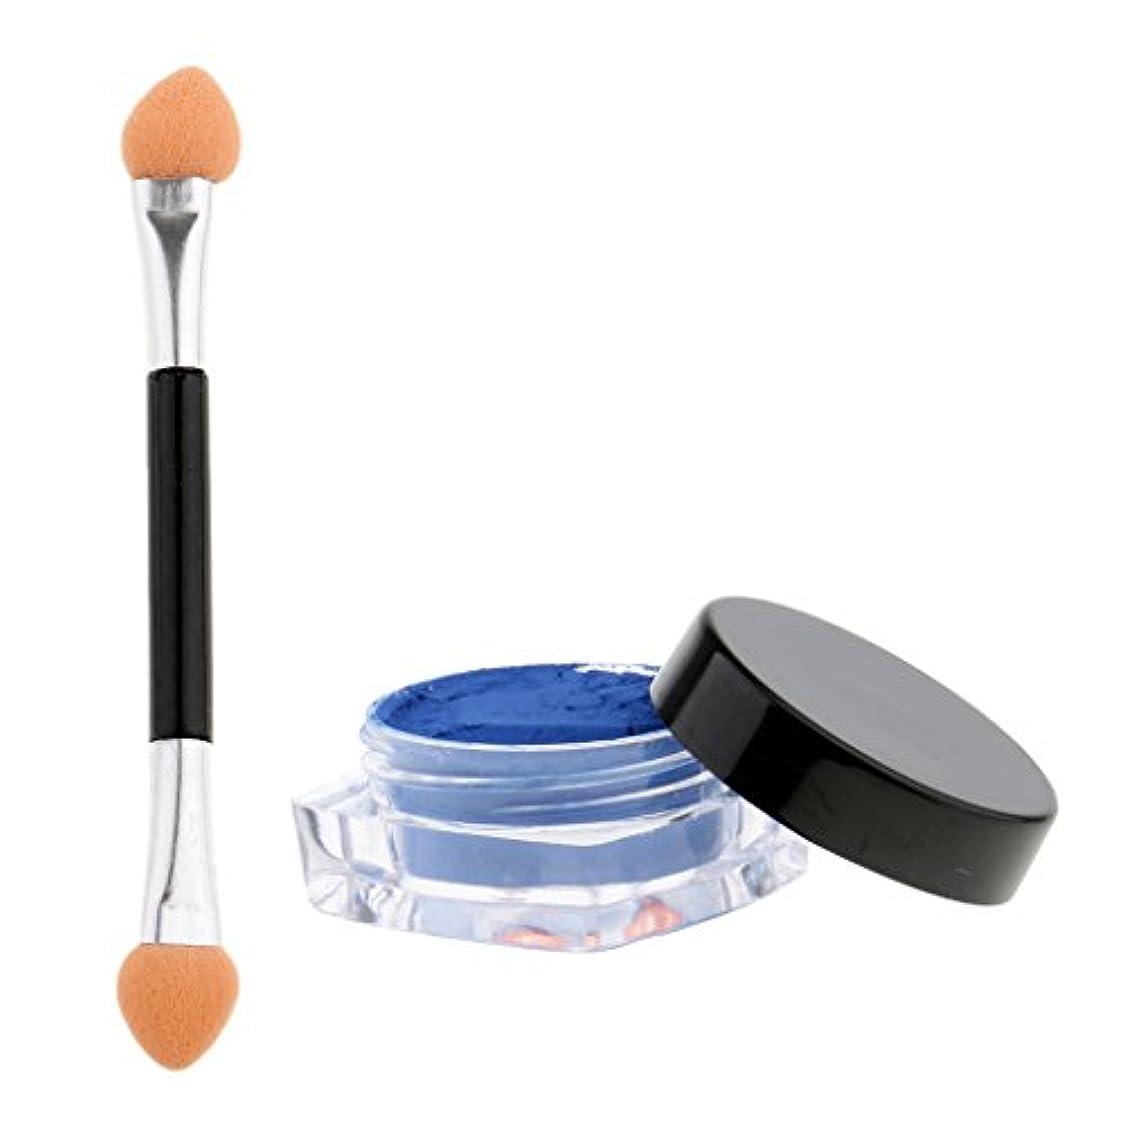 モルヒネ保護する早いPerfeclan ネイル マニキュア顔料 温度色変化 熱顔料 ブラシ 全12色選べる - 青